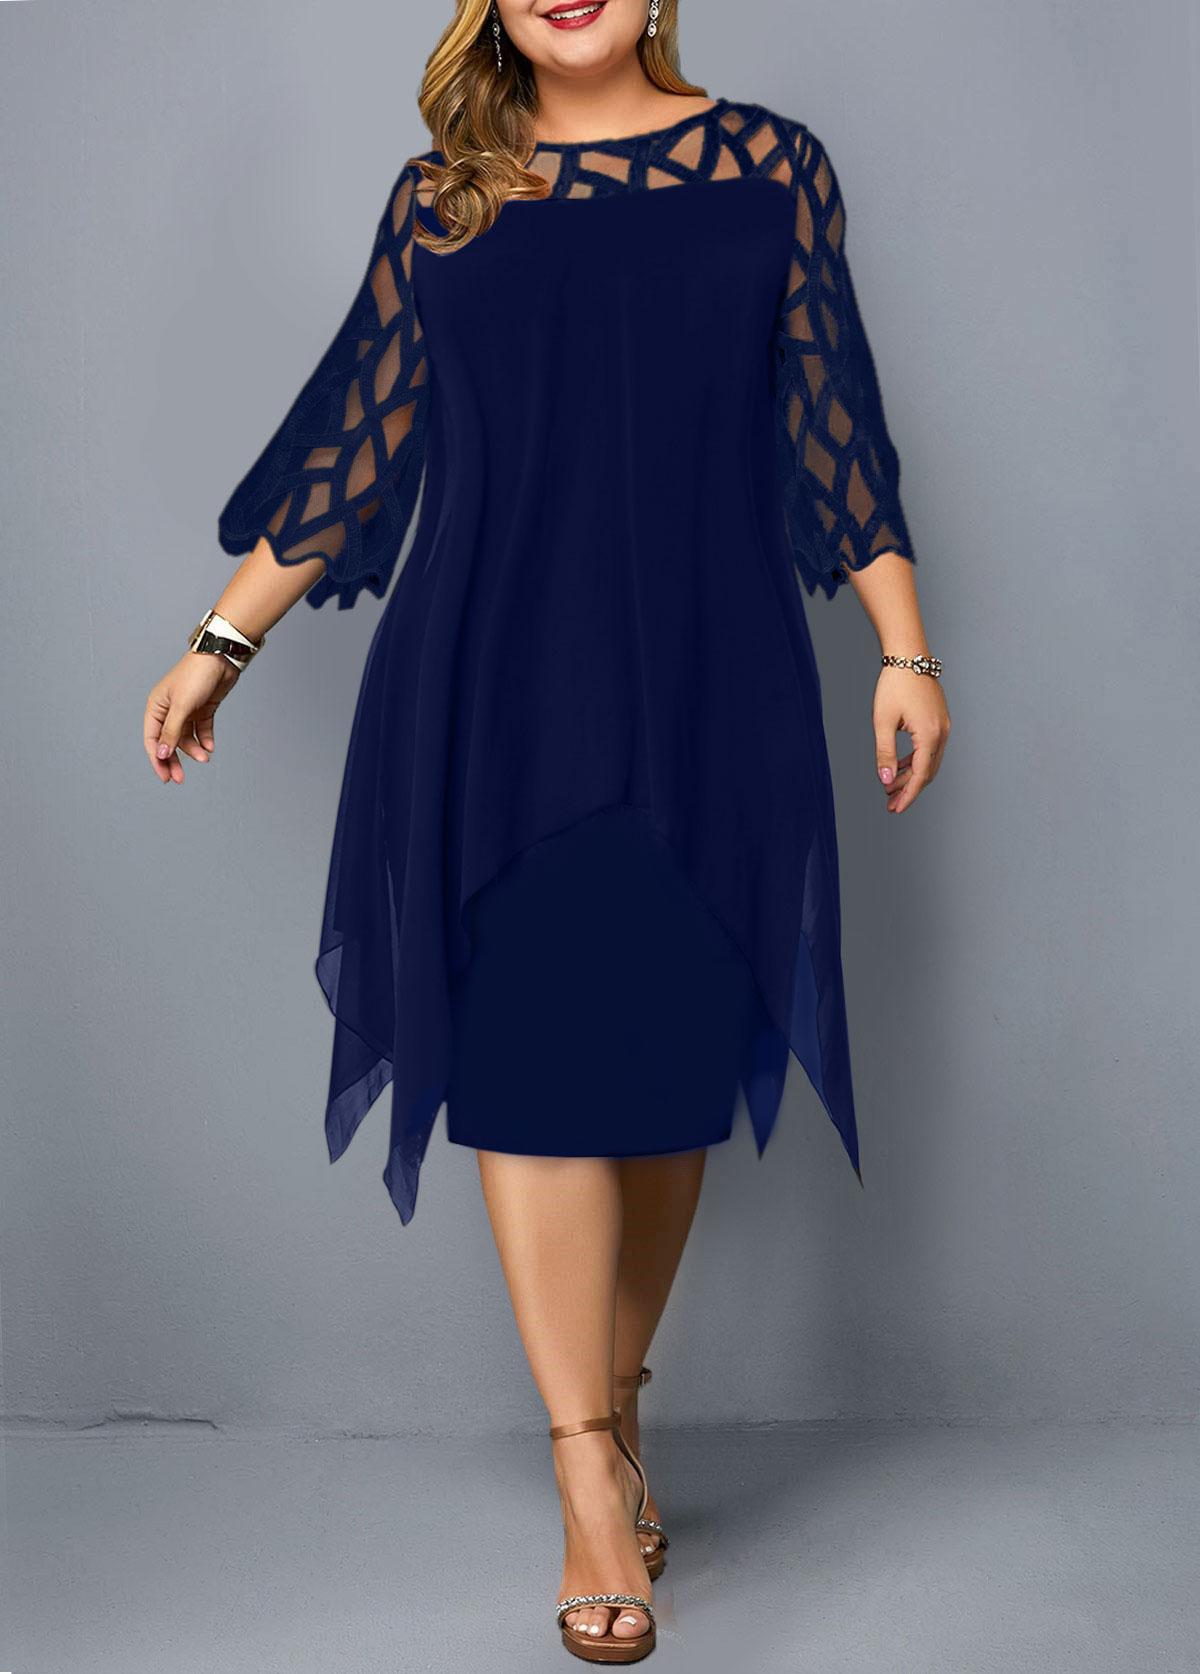 Mesh Panel Plus Size Overlay Embellished Dress